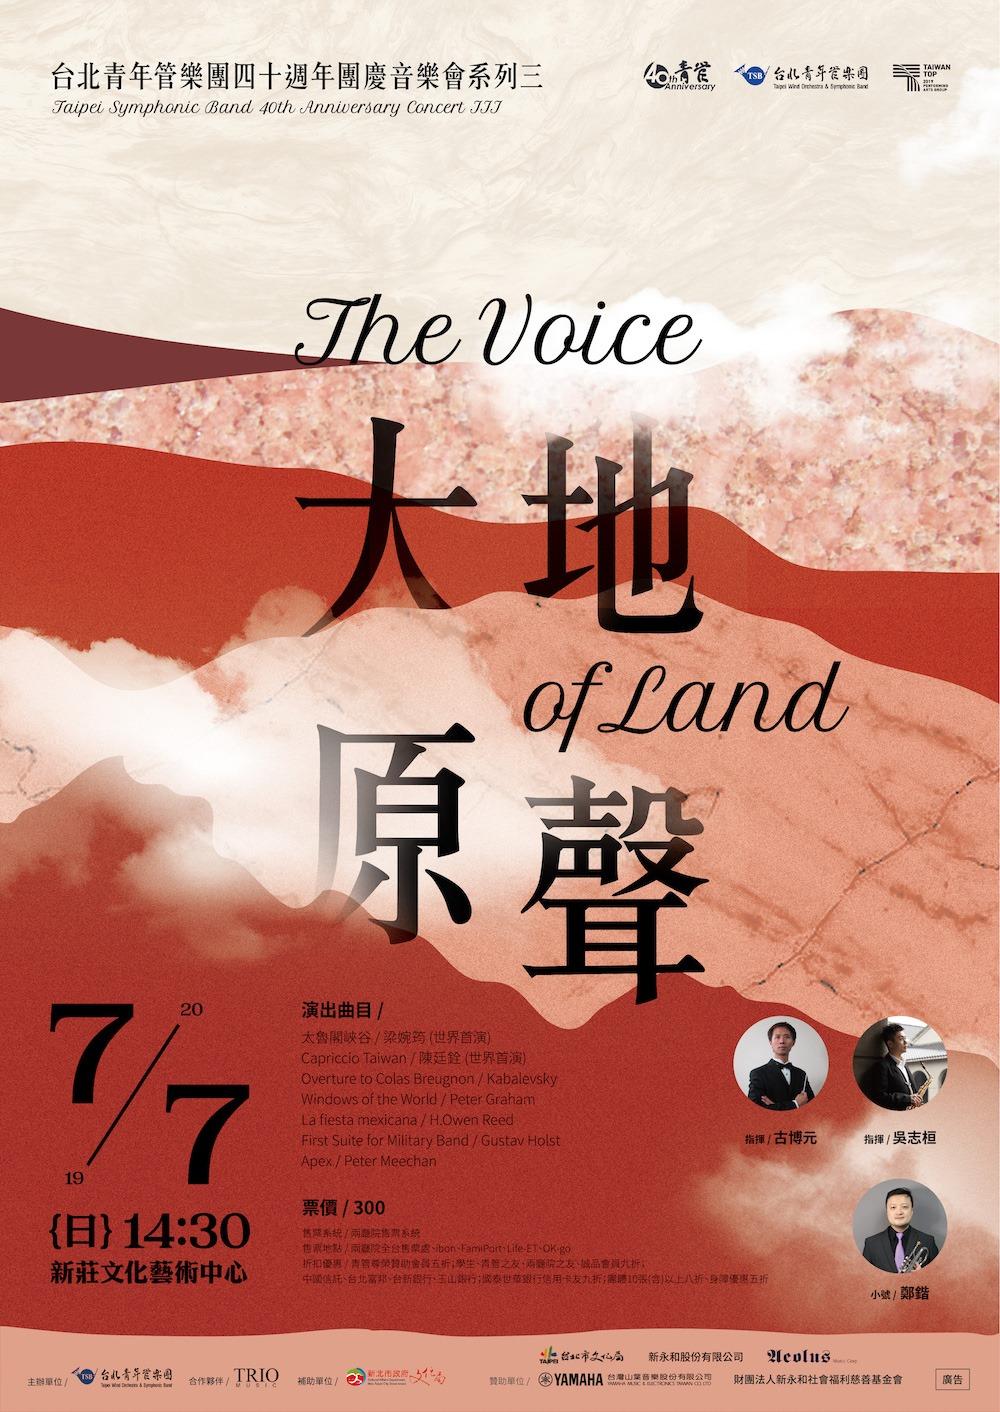 台北青年管樂團四十週年團慶音樂會系列三《大地原聲》